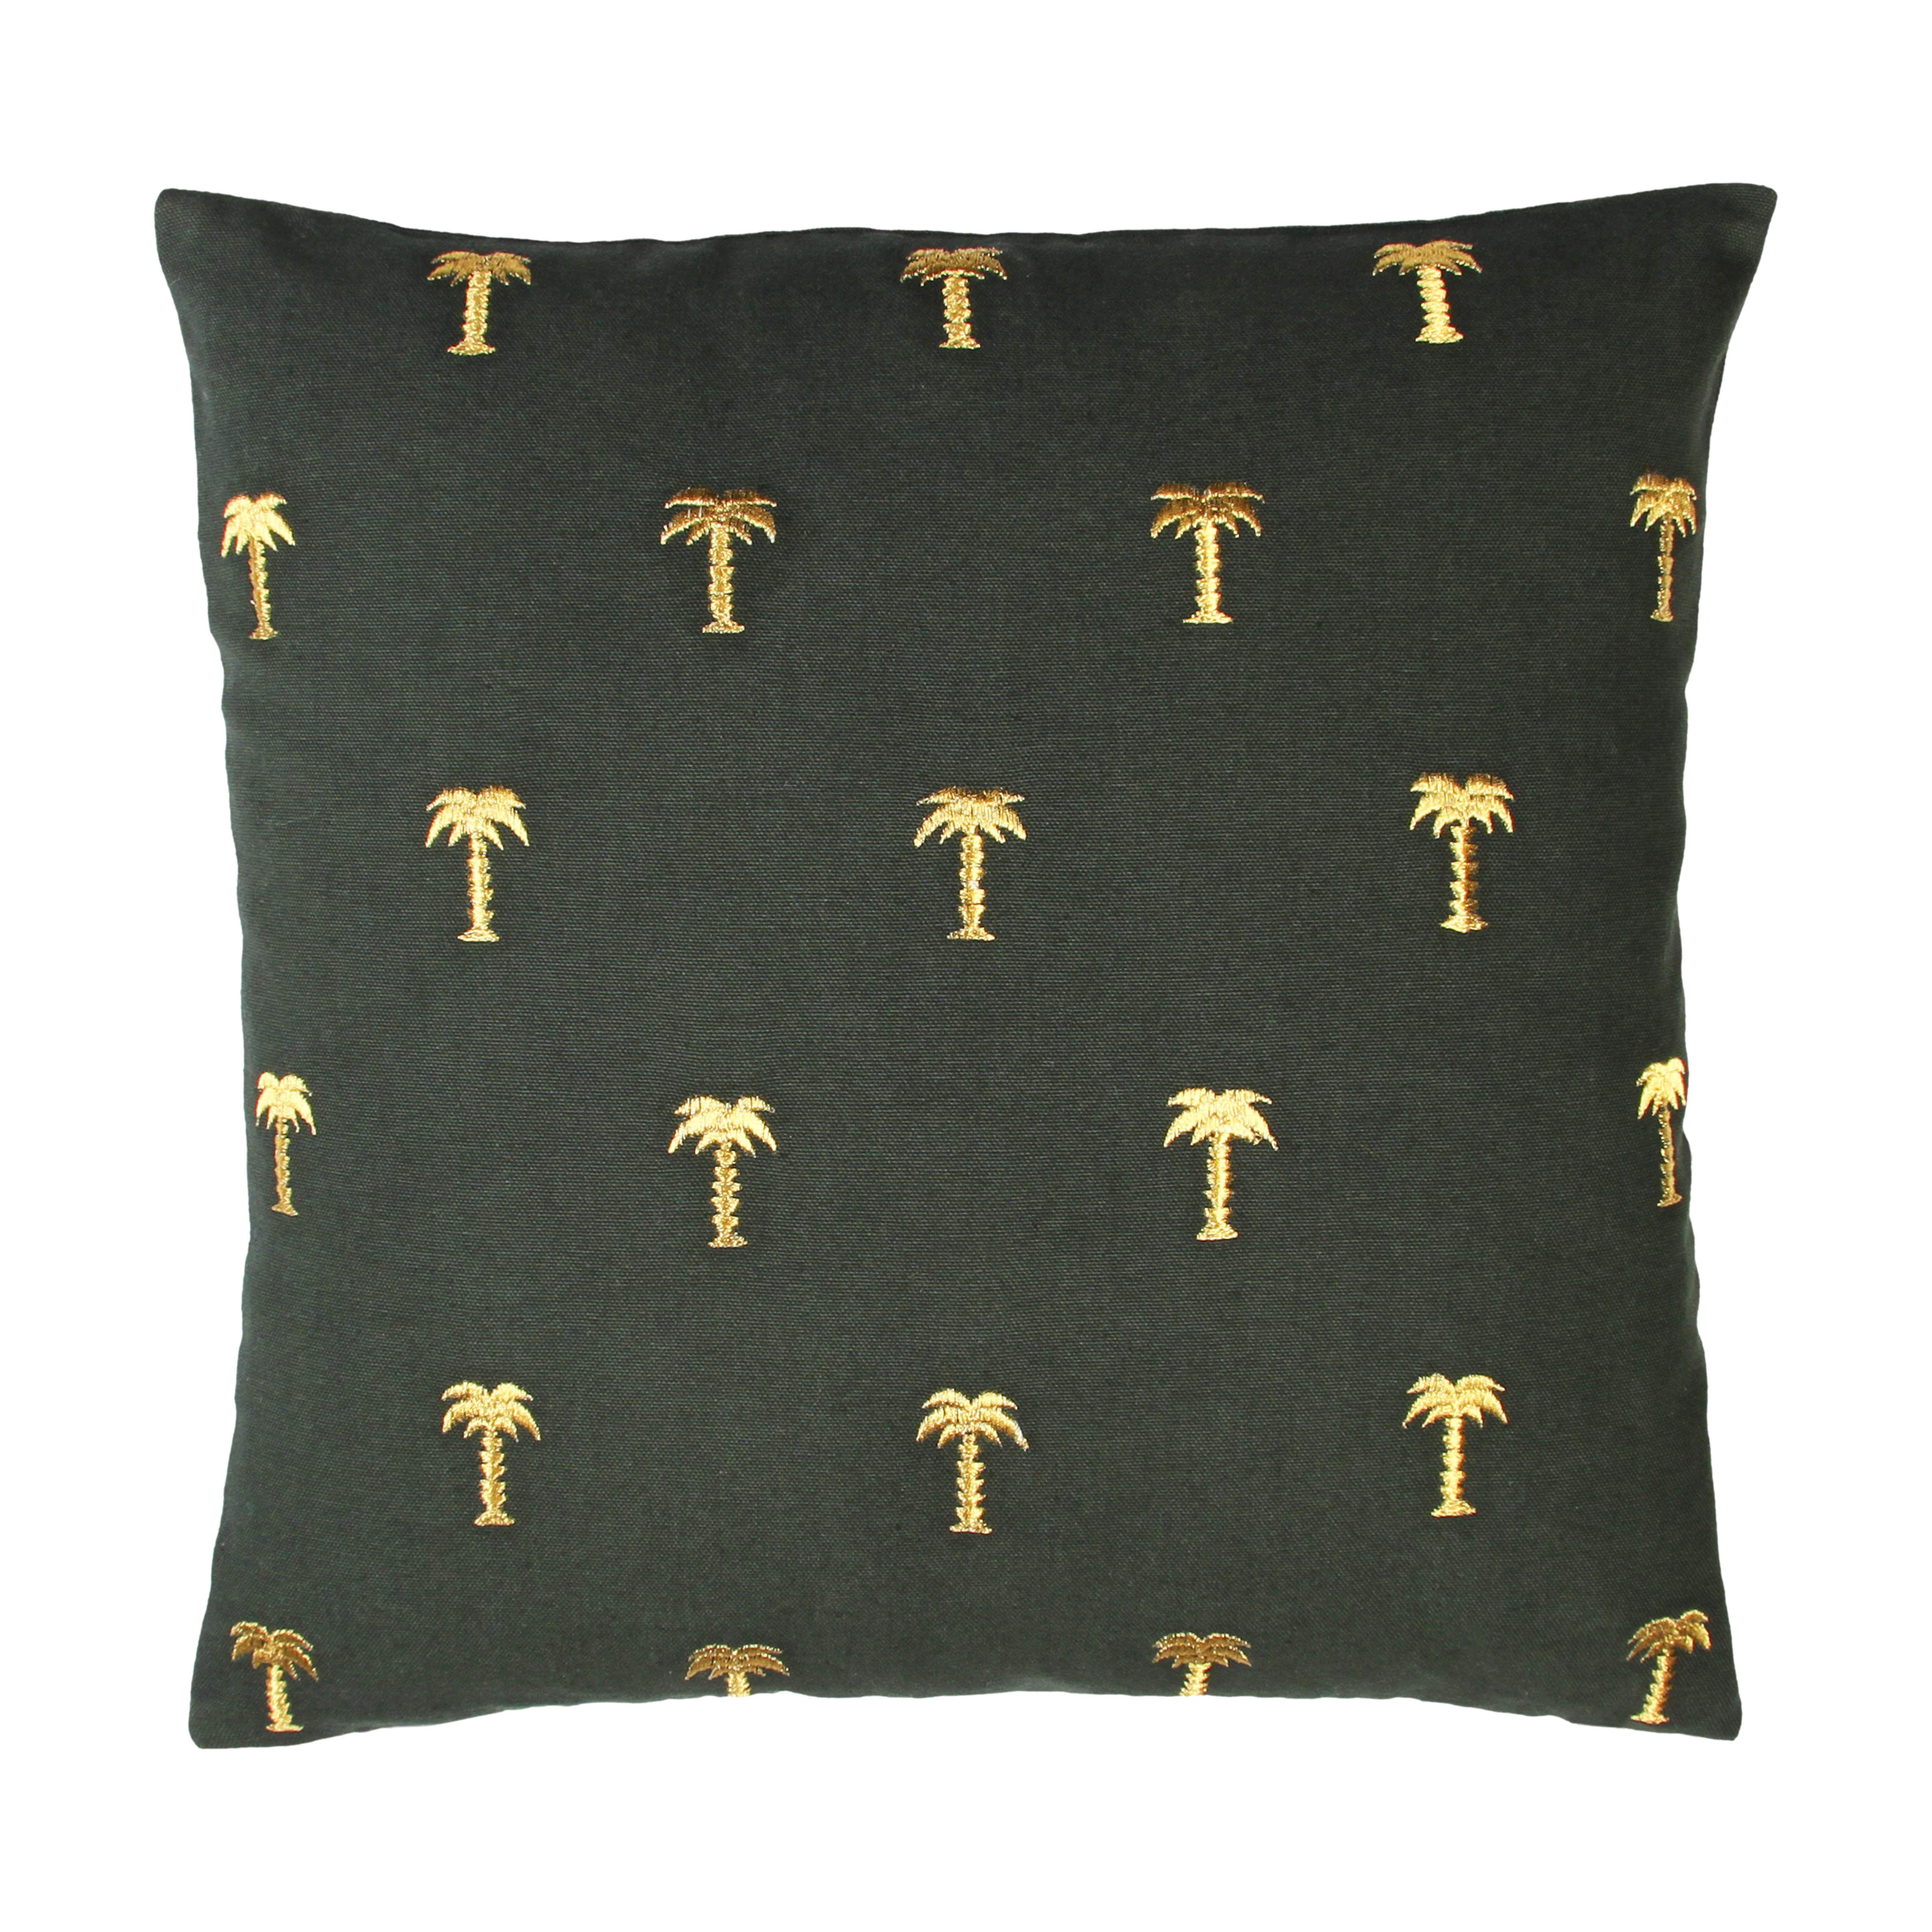 Interni - Cuscini  - Cuscino Palmier - / 40 x 40 cm di & klevering - Palma / Verde scuro & oro -  Plumes, Cotone, Lurex